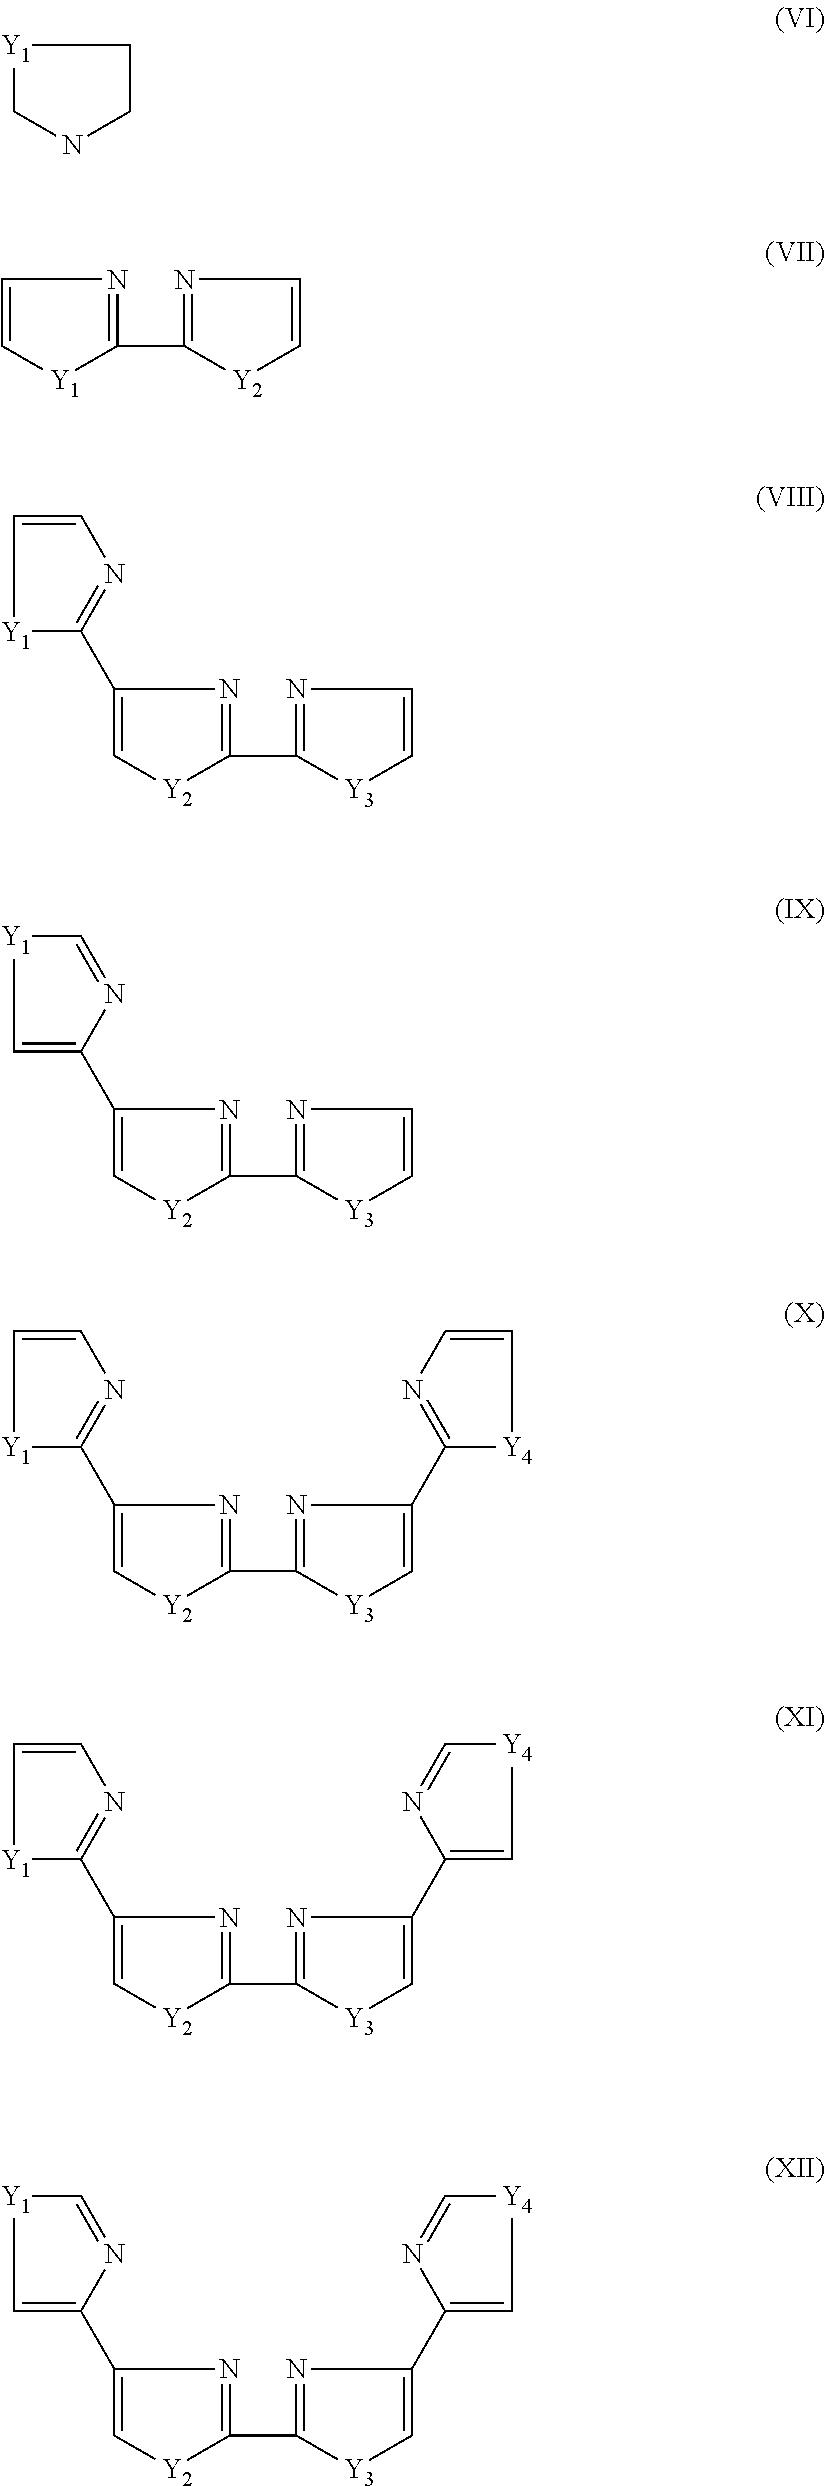 Figure US20100012522A1-20100121-C00005